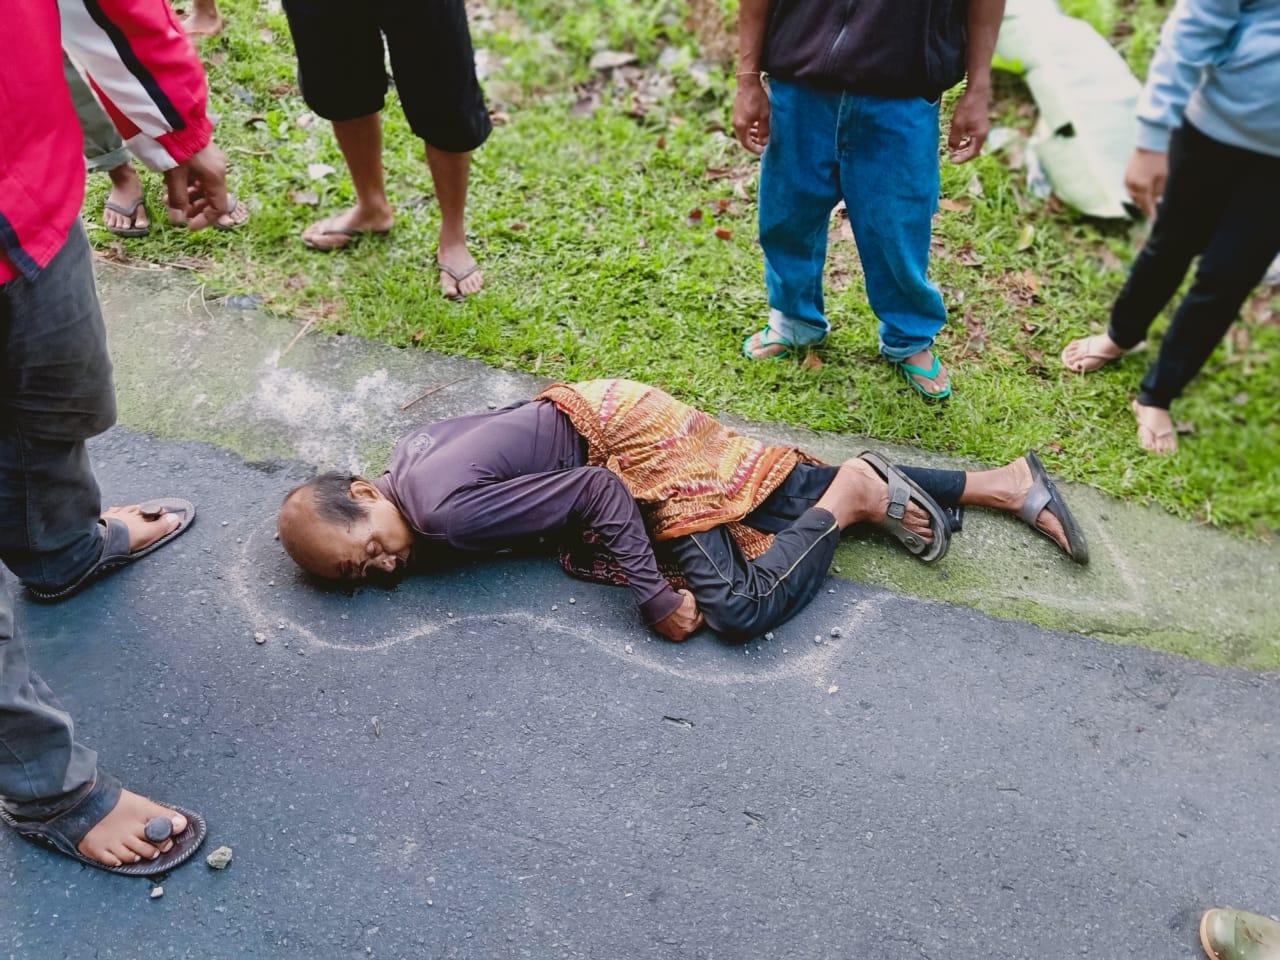 KETUT Ngasti (79) asal Banjar Lumbuan, Desa Sulahan, Kecamatan Susut, Bangli, ditemukan meninggal di pinggir jalan jurusan Bangli-Kayuambua, Selasa (17/11/2020). Foto: ist